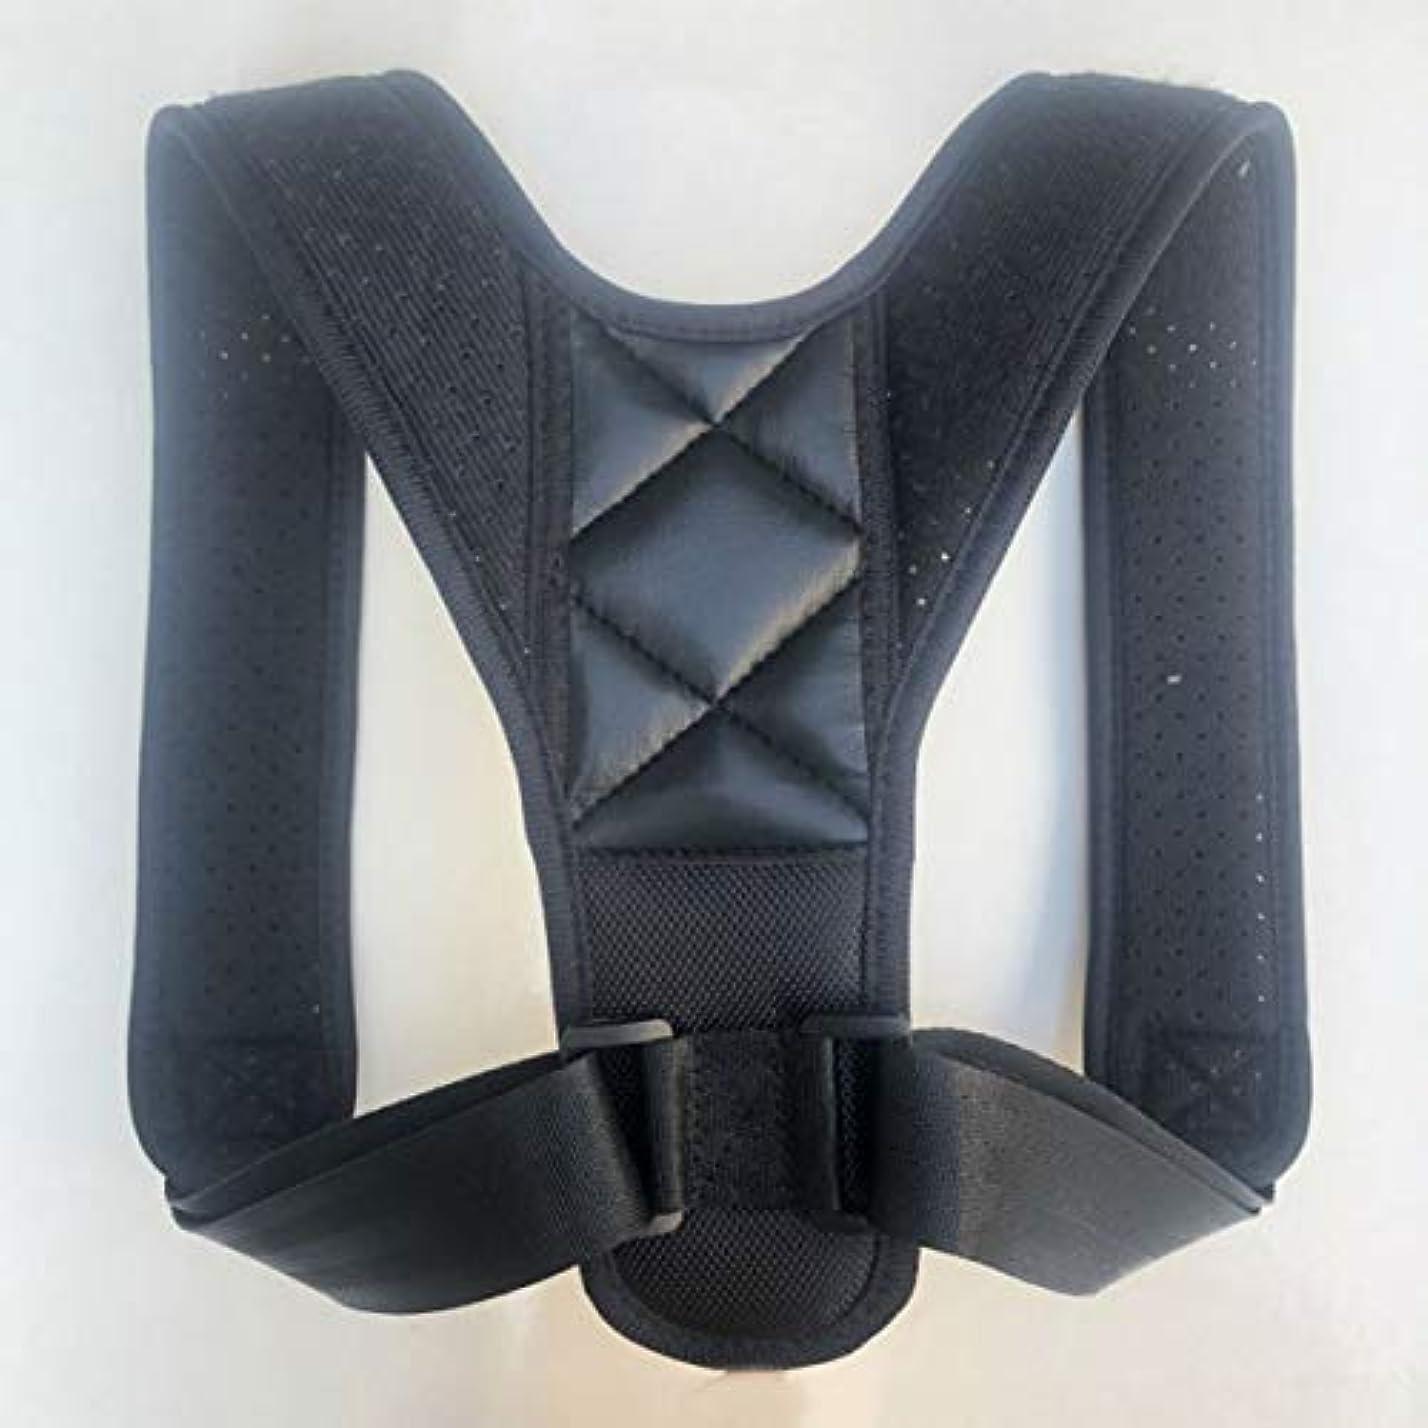 自明アサート最悪アッパーバックポスチャーコレクター姿勢鎖骨サポートコレクターバックストレートショルダーブレースストラップコレクター - ブラック